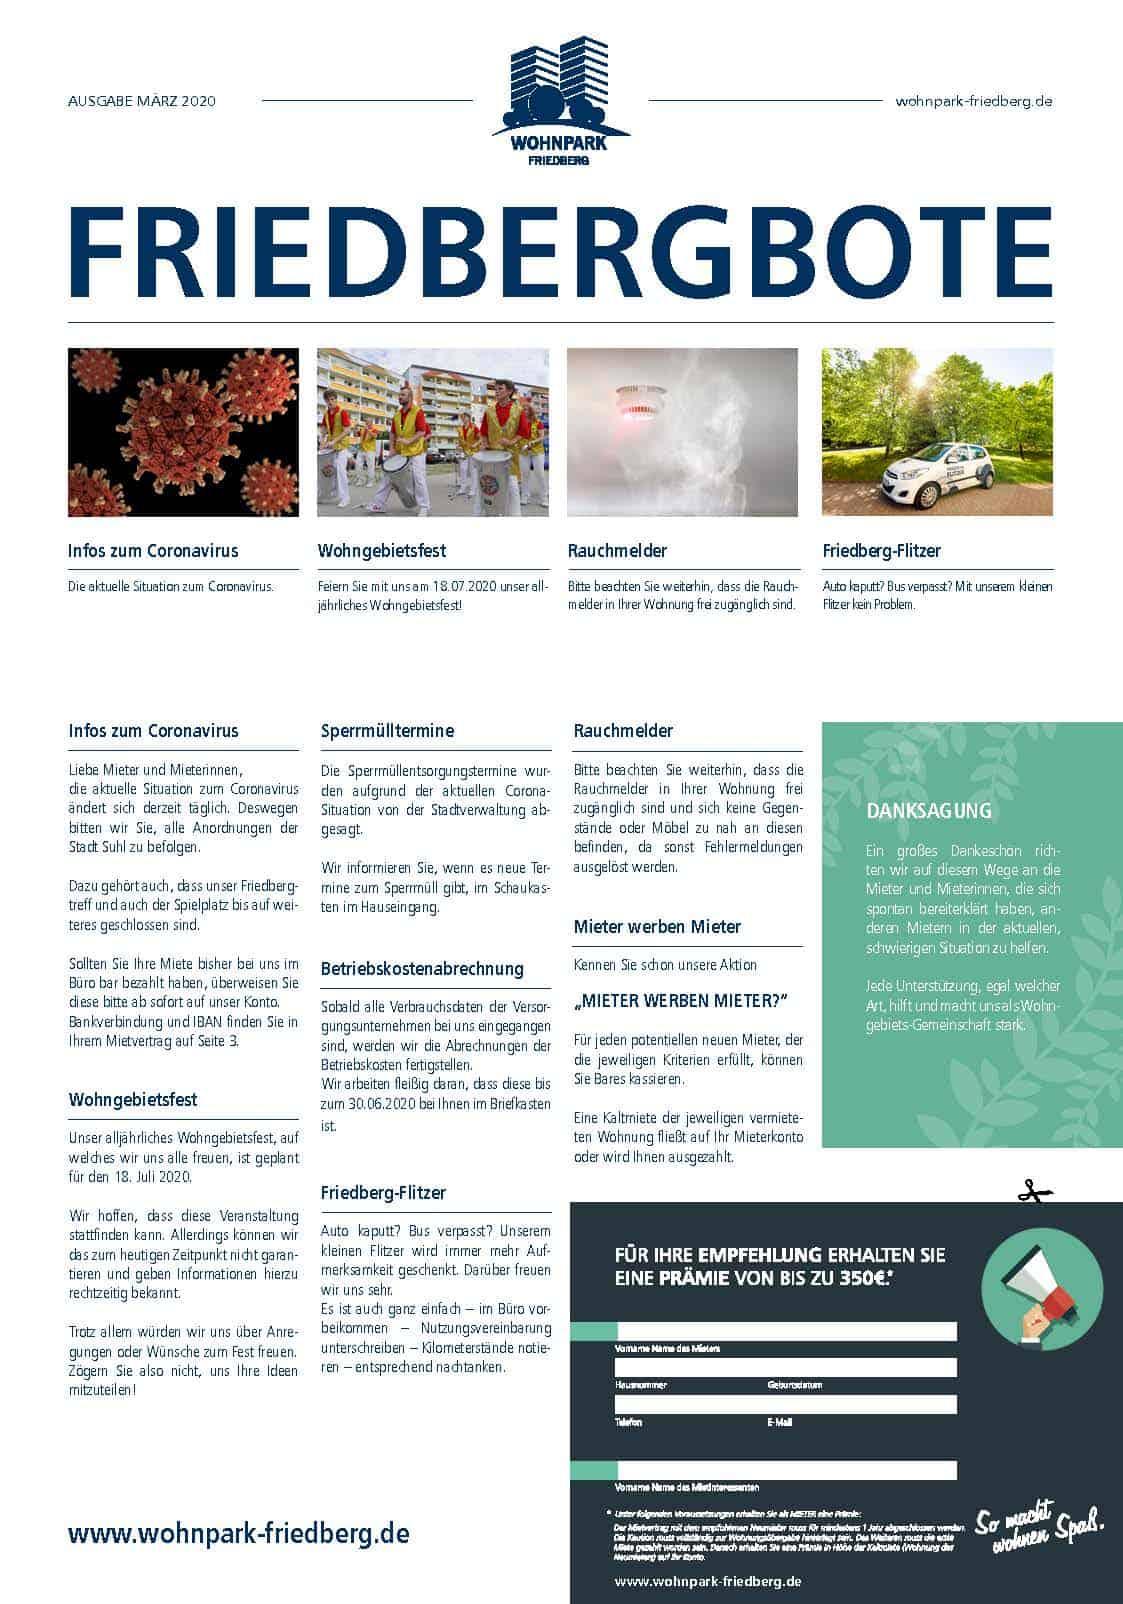 Friedbergbote – März 2020